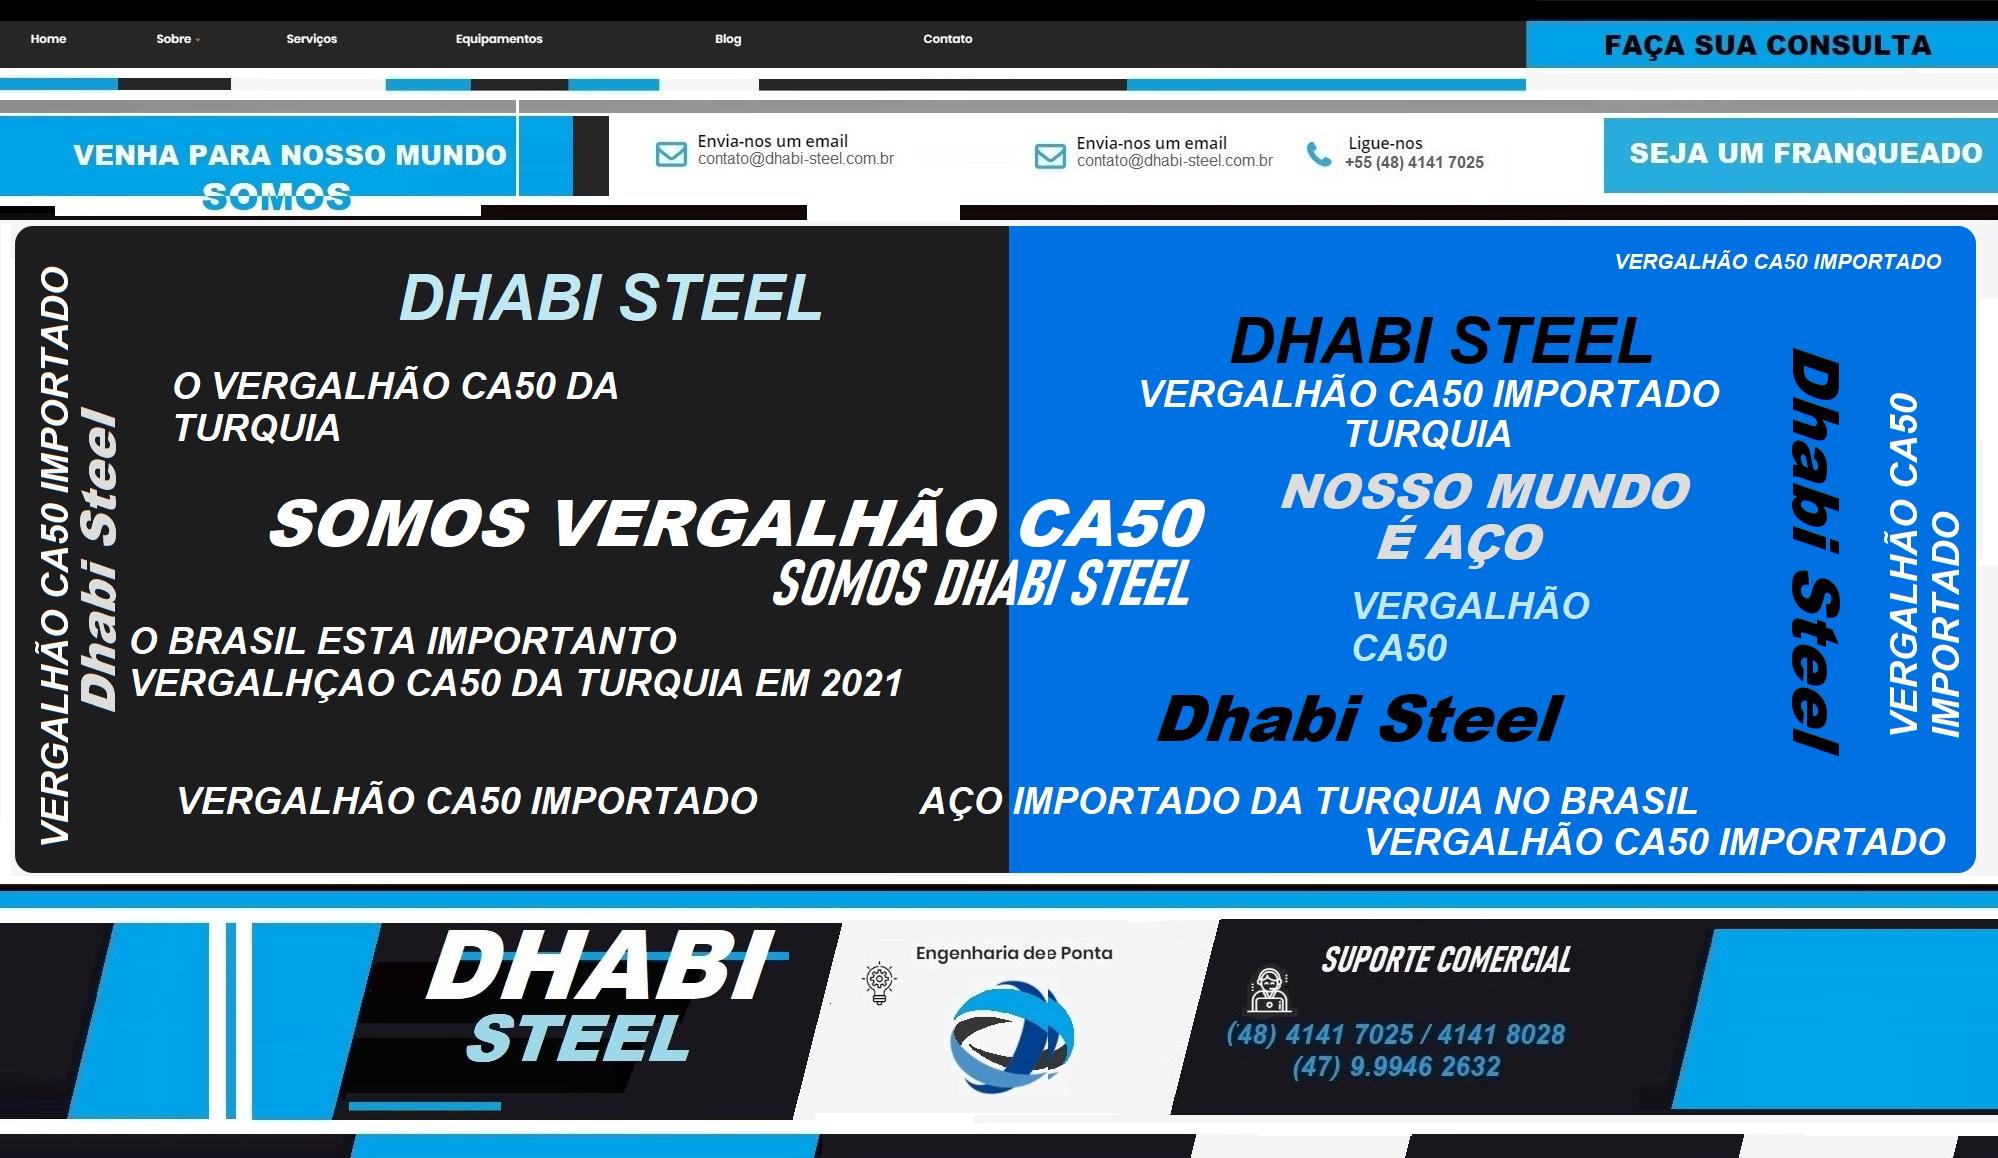 CA 50 TURQUIA COM DHABI STEEL  apenas no